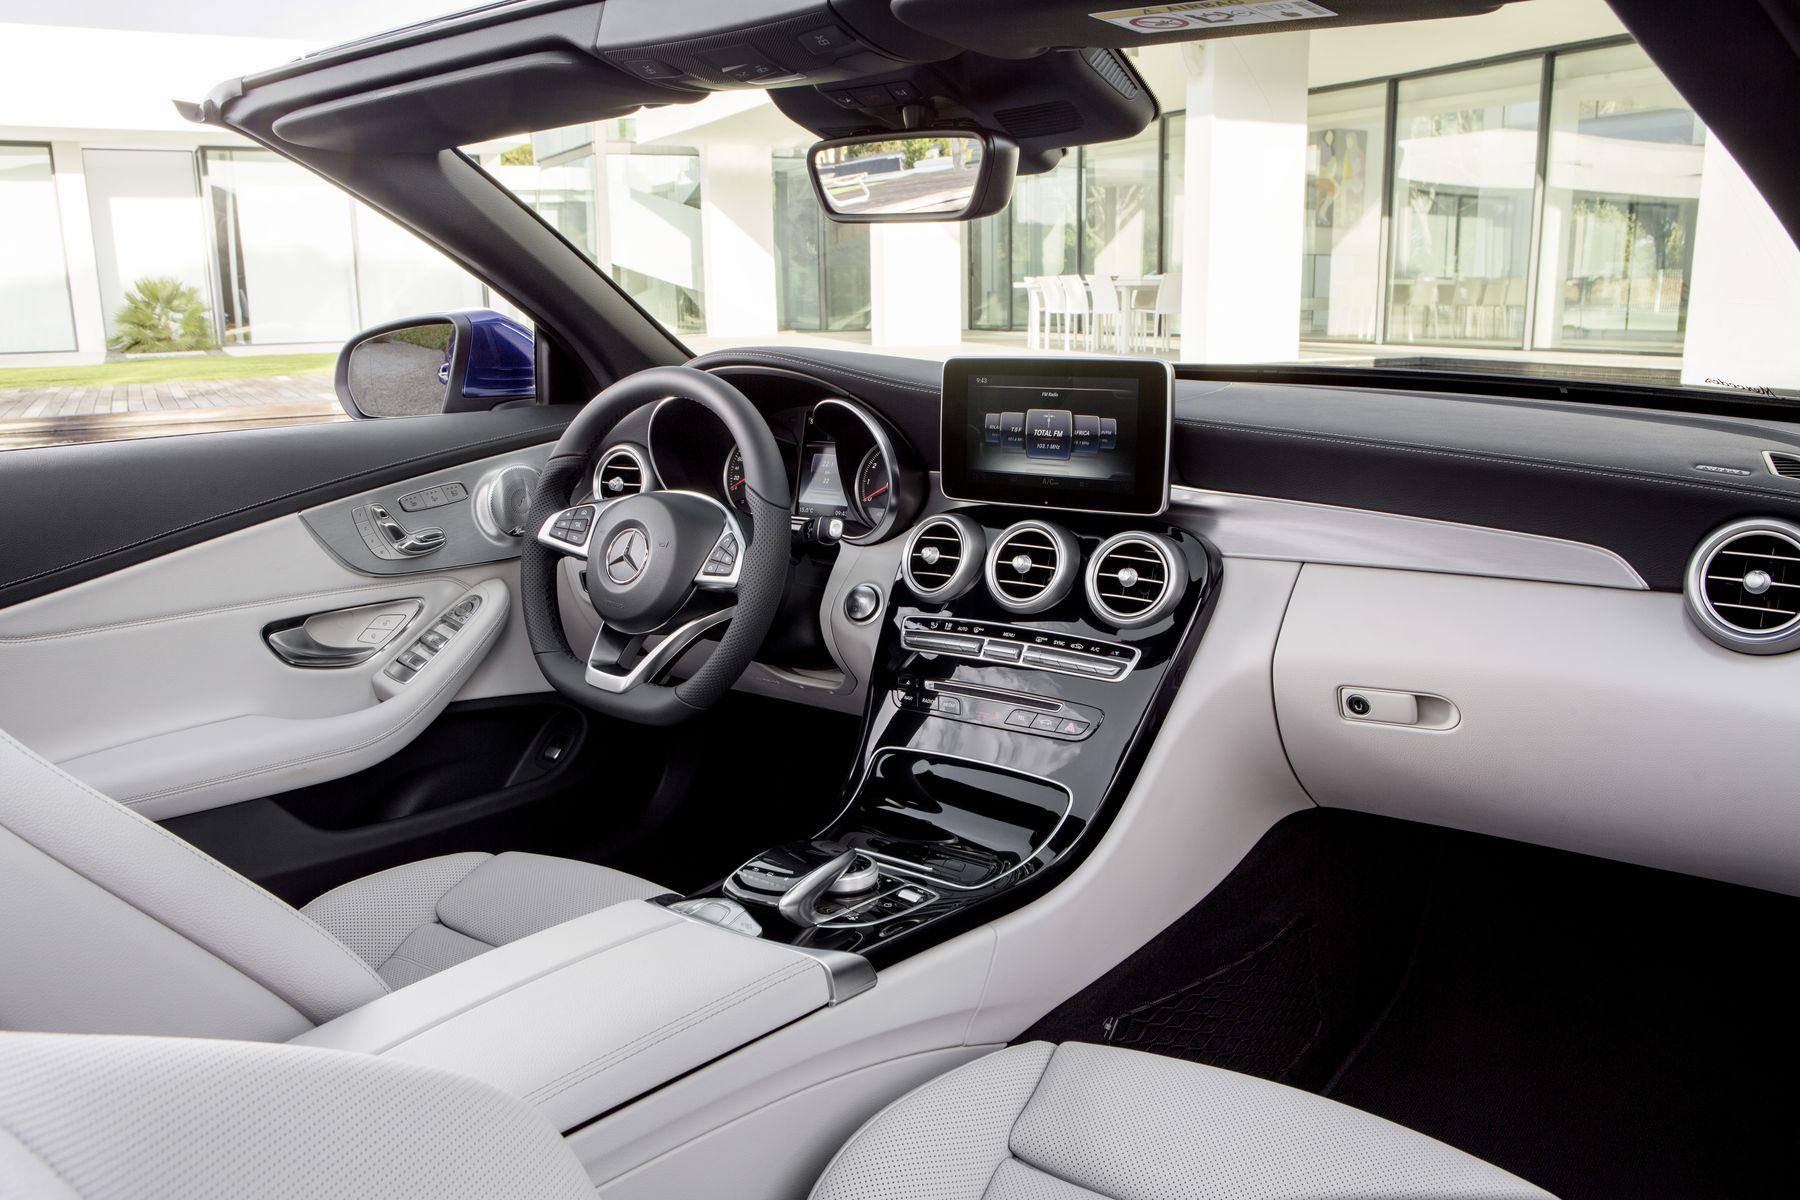 Mercedes Classe E  Cdi Avantgarde  Gris